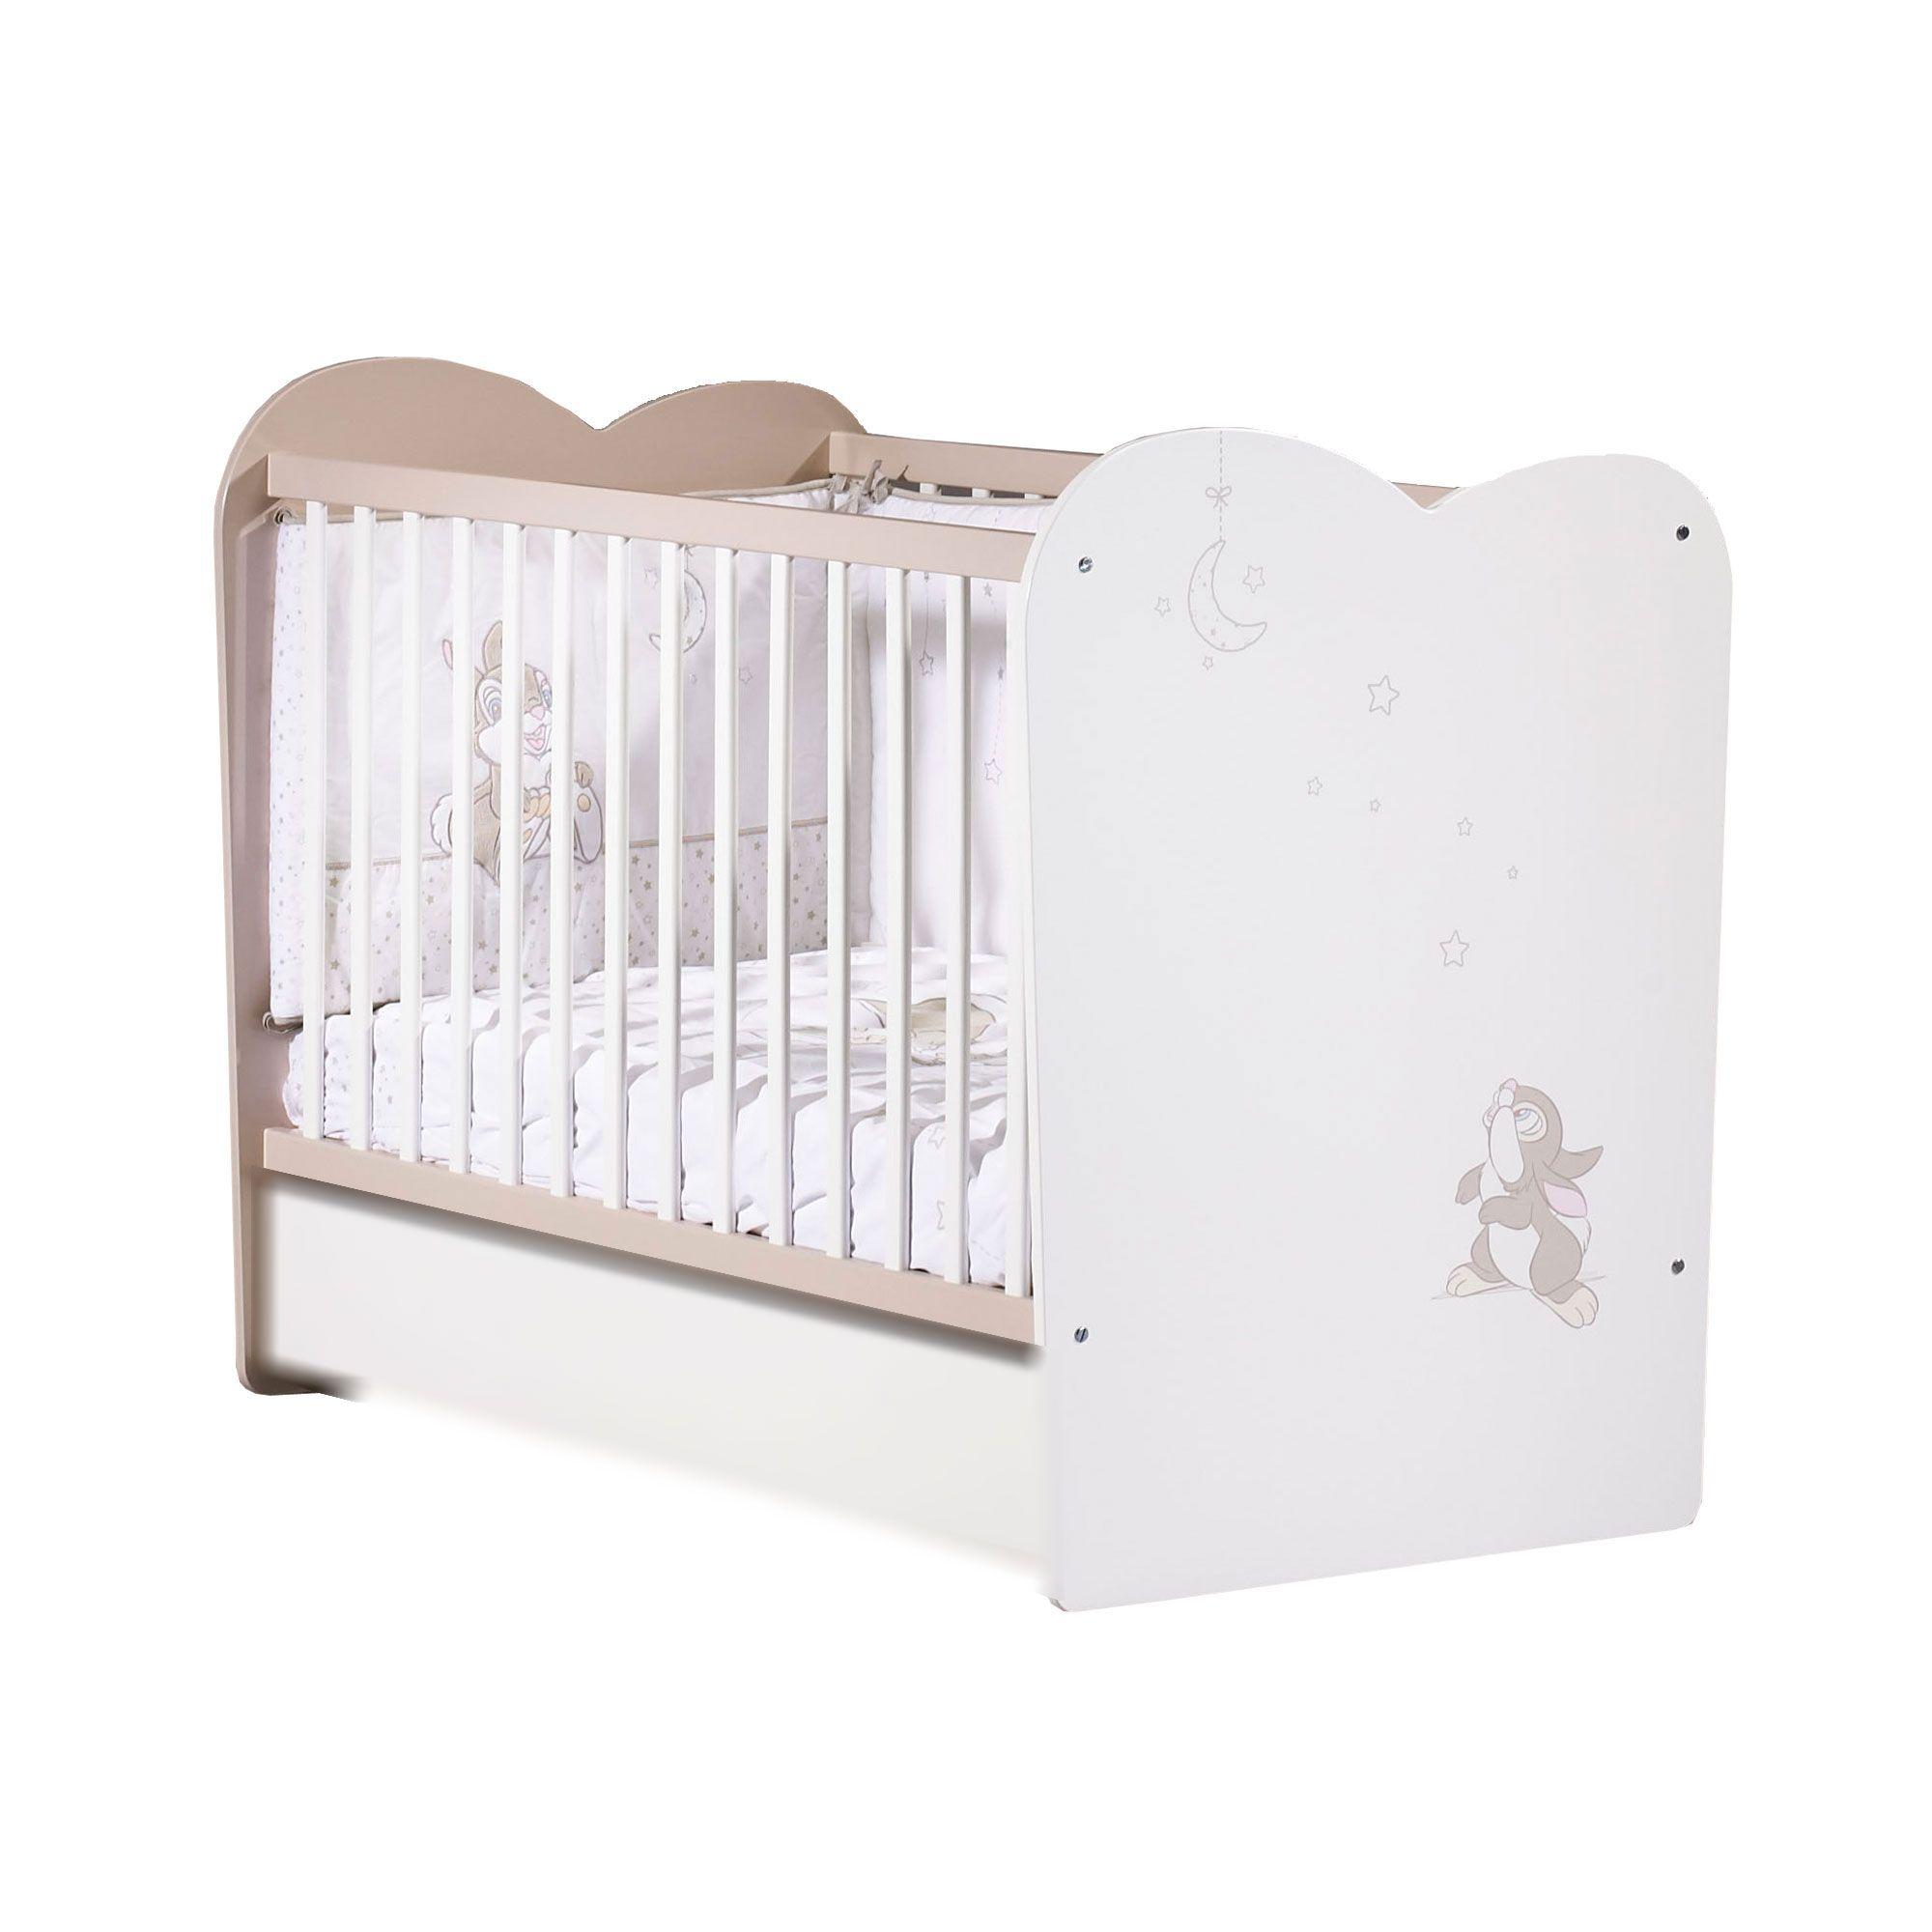 lit 60x120 non volutif lits pour bbs et enfants - Lit Sauthon